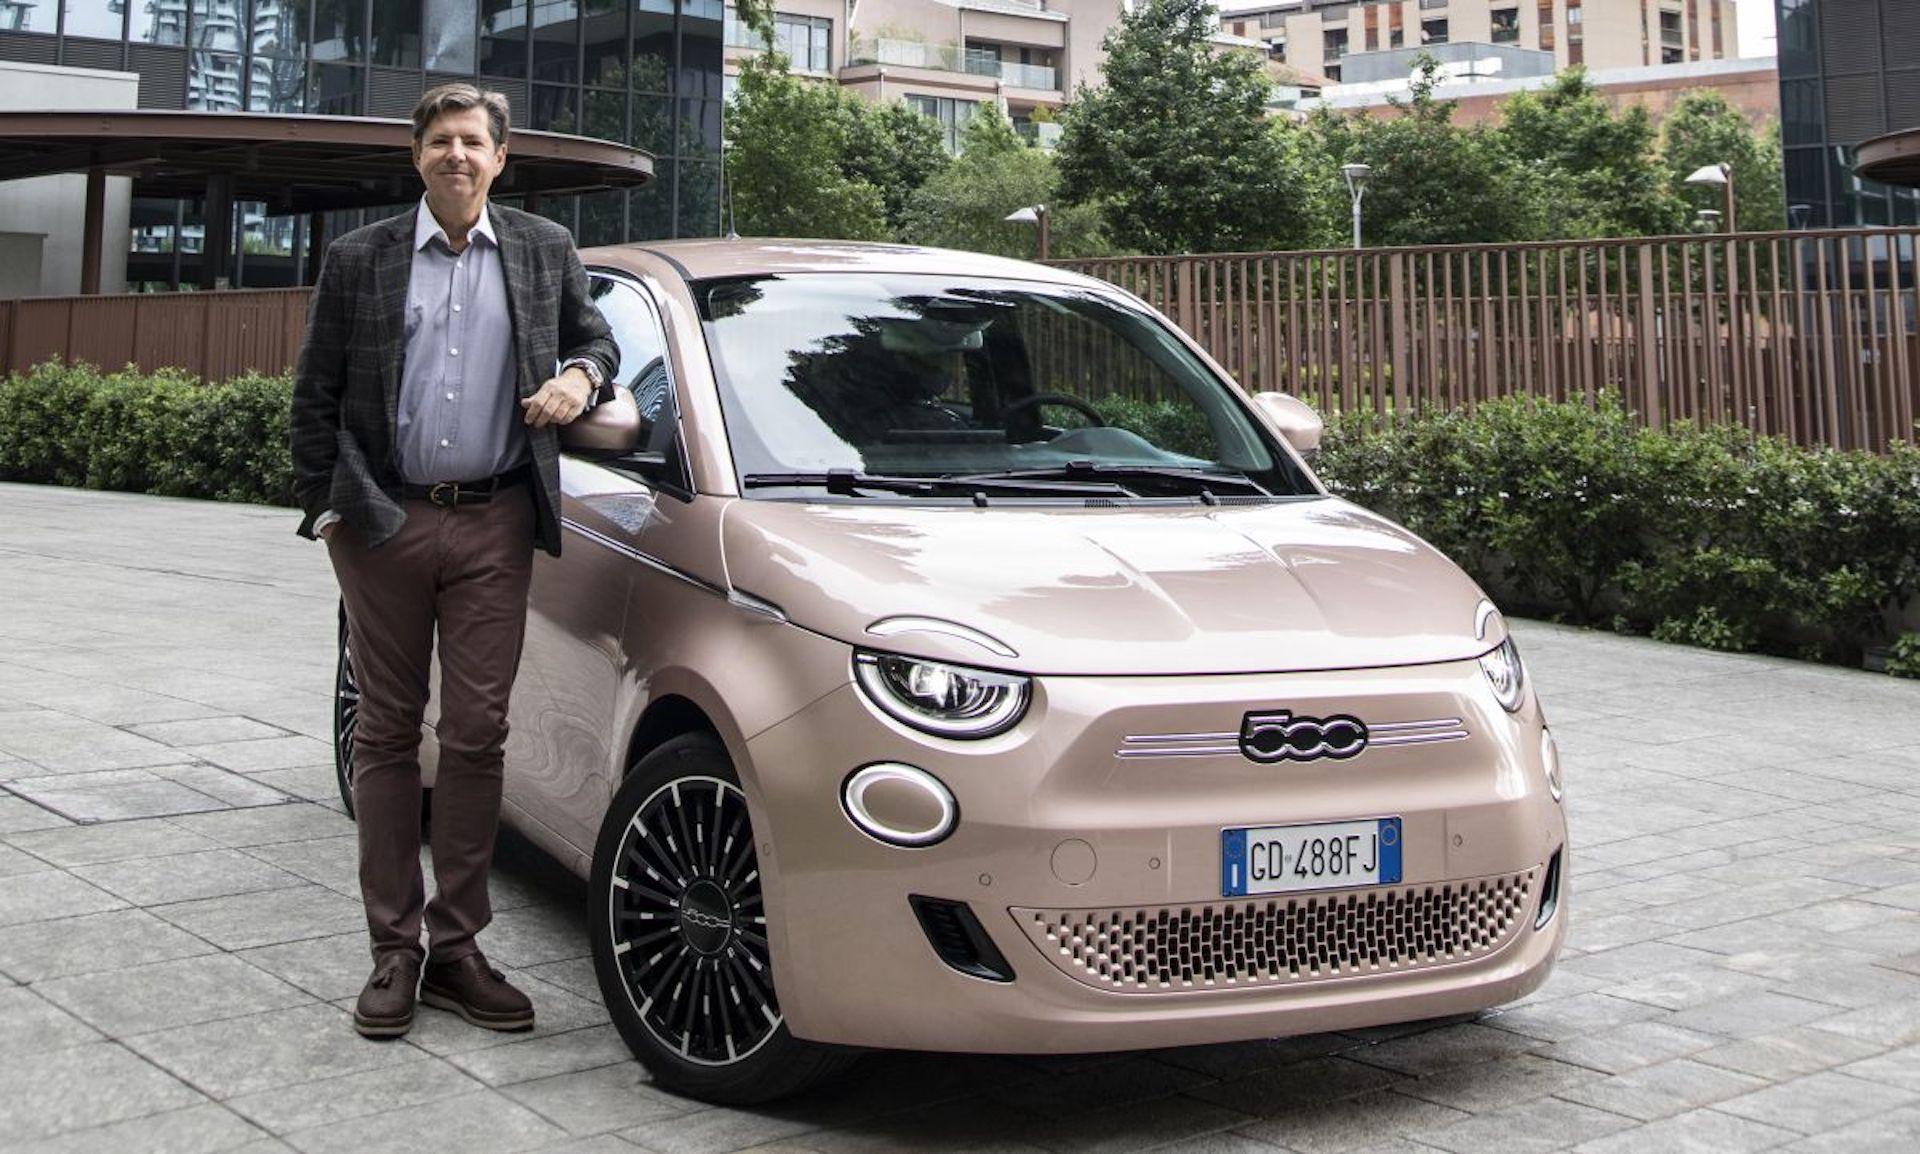 Olivier François, CEO Fiat